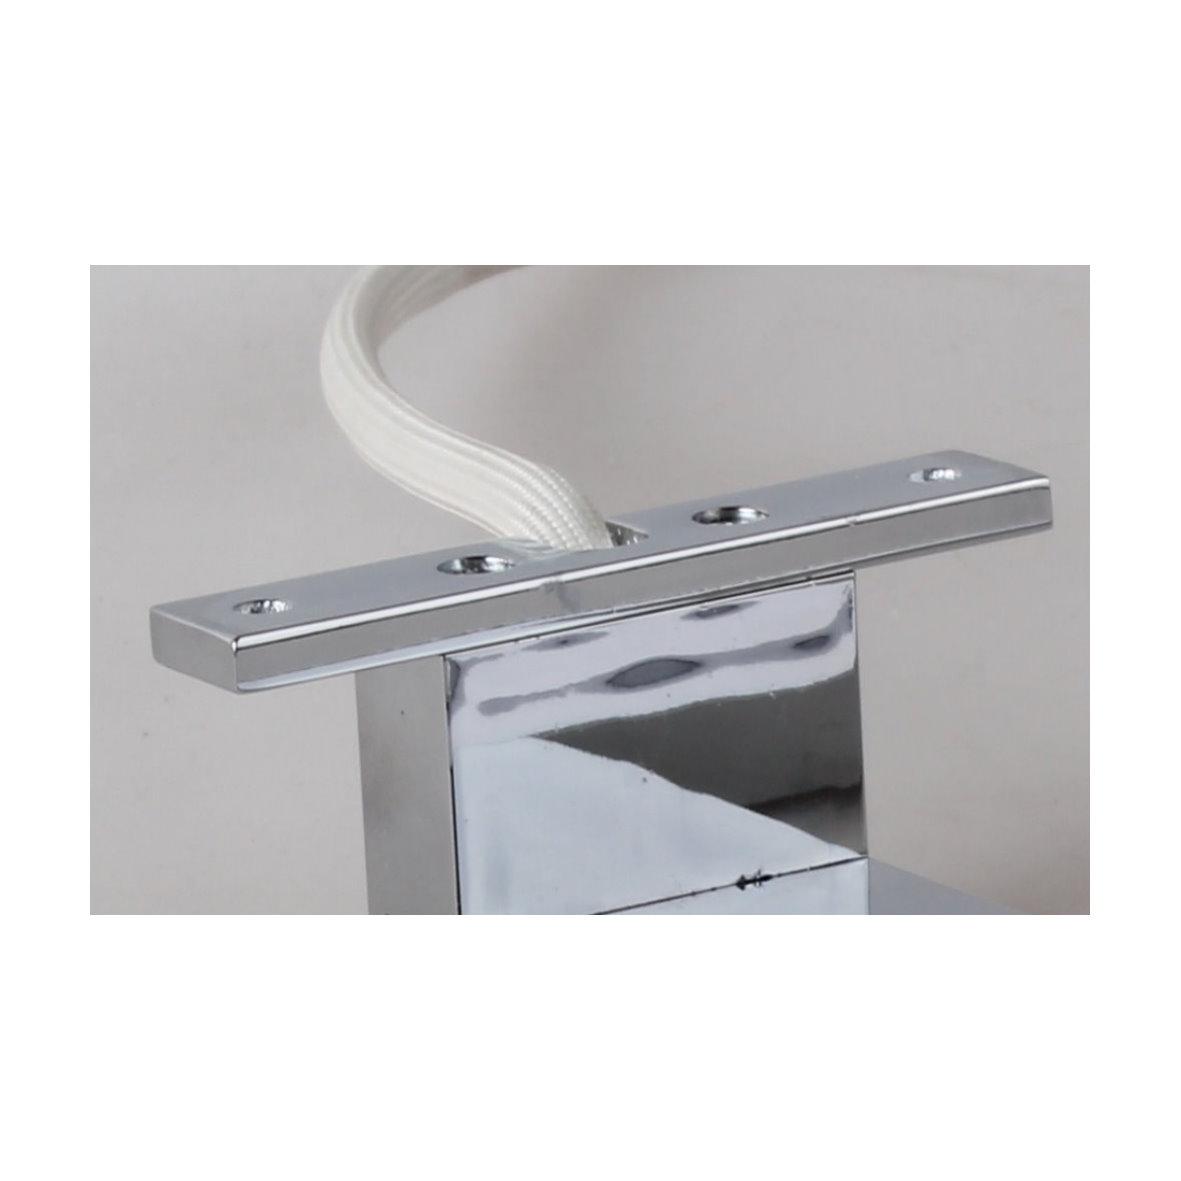 led aufbauleuchte strahler bad schrankleuchte spiegelleuchte badleuchte alu 230v ebay. Black Bedroom Furniture Sets. Home Design Ideas